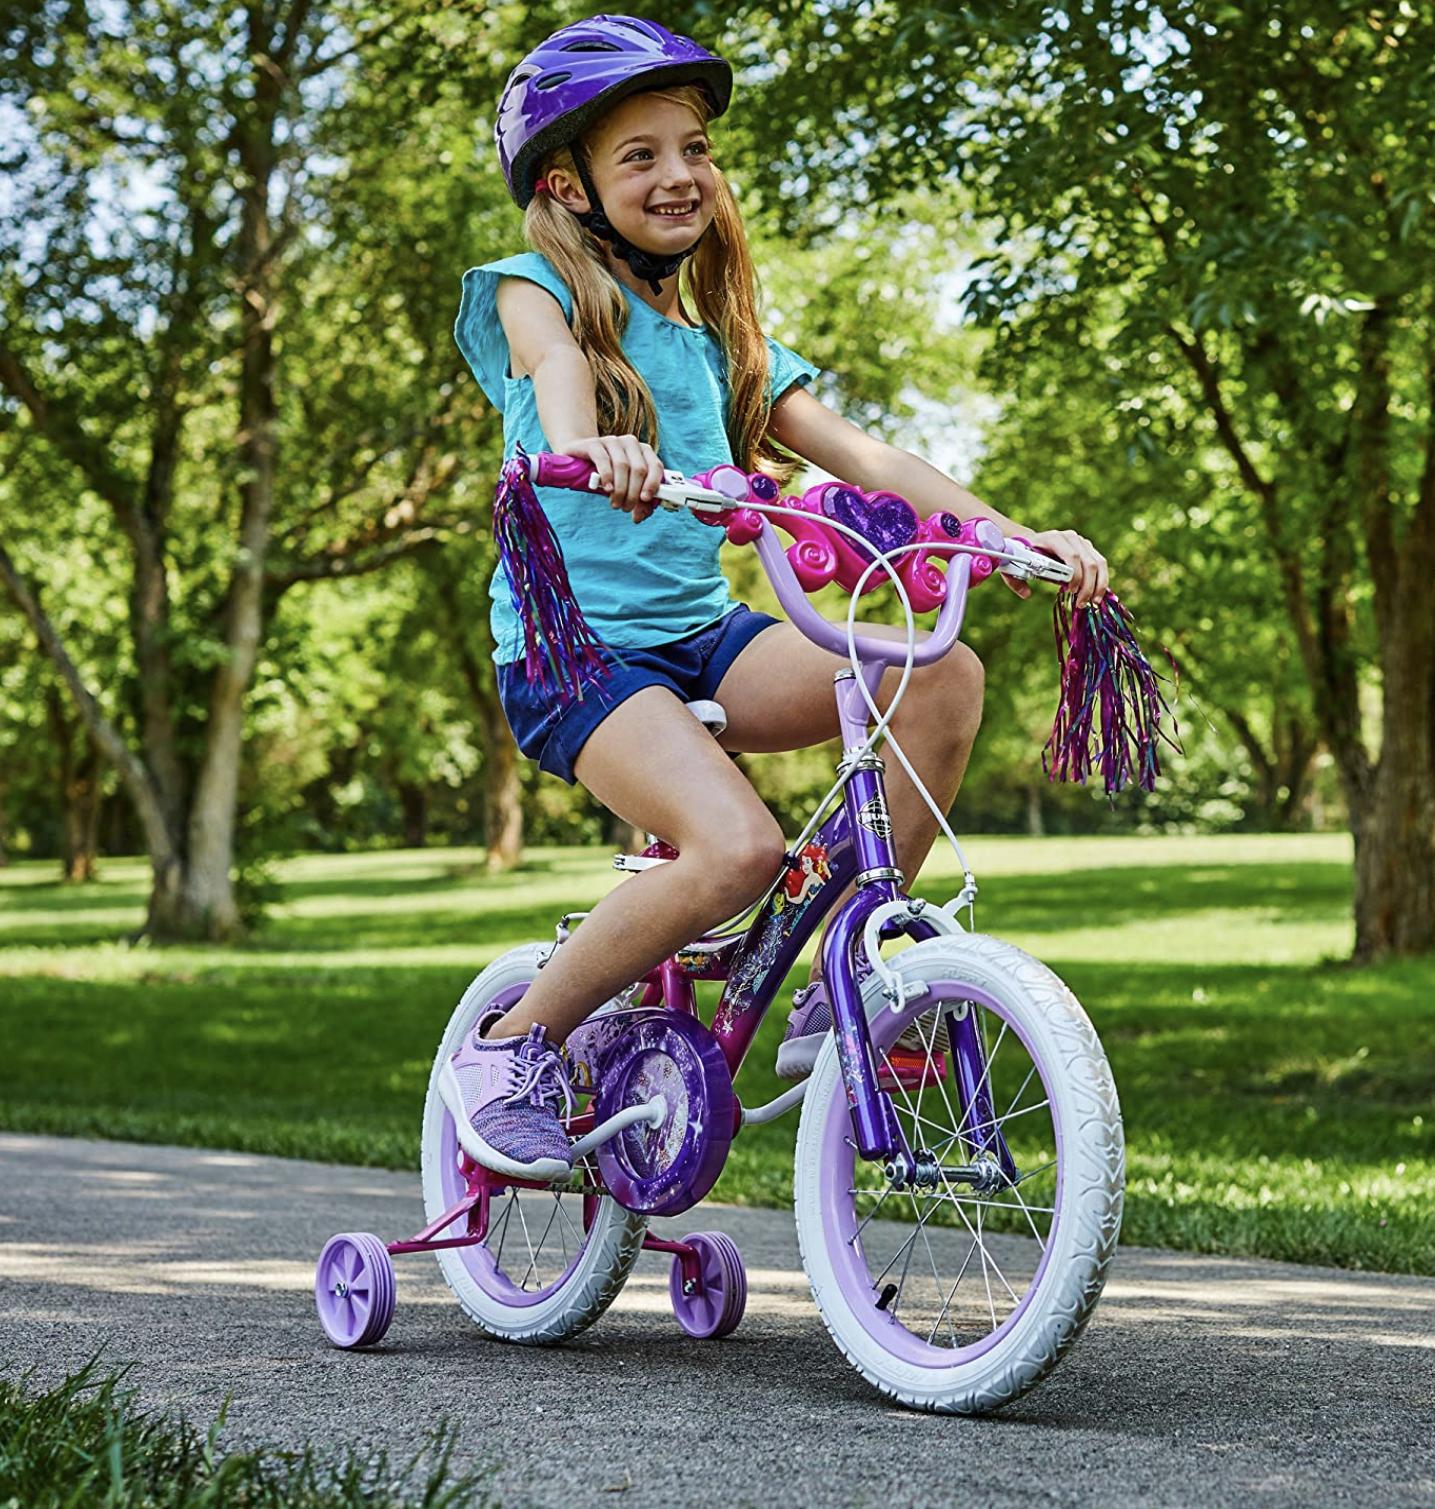 niña conduciendo su bicicleta de cuatro ruedas